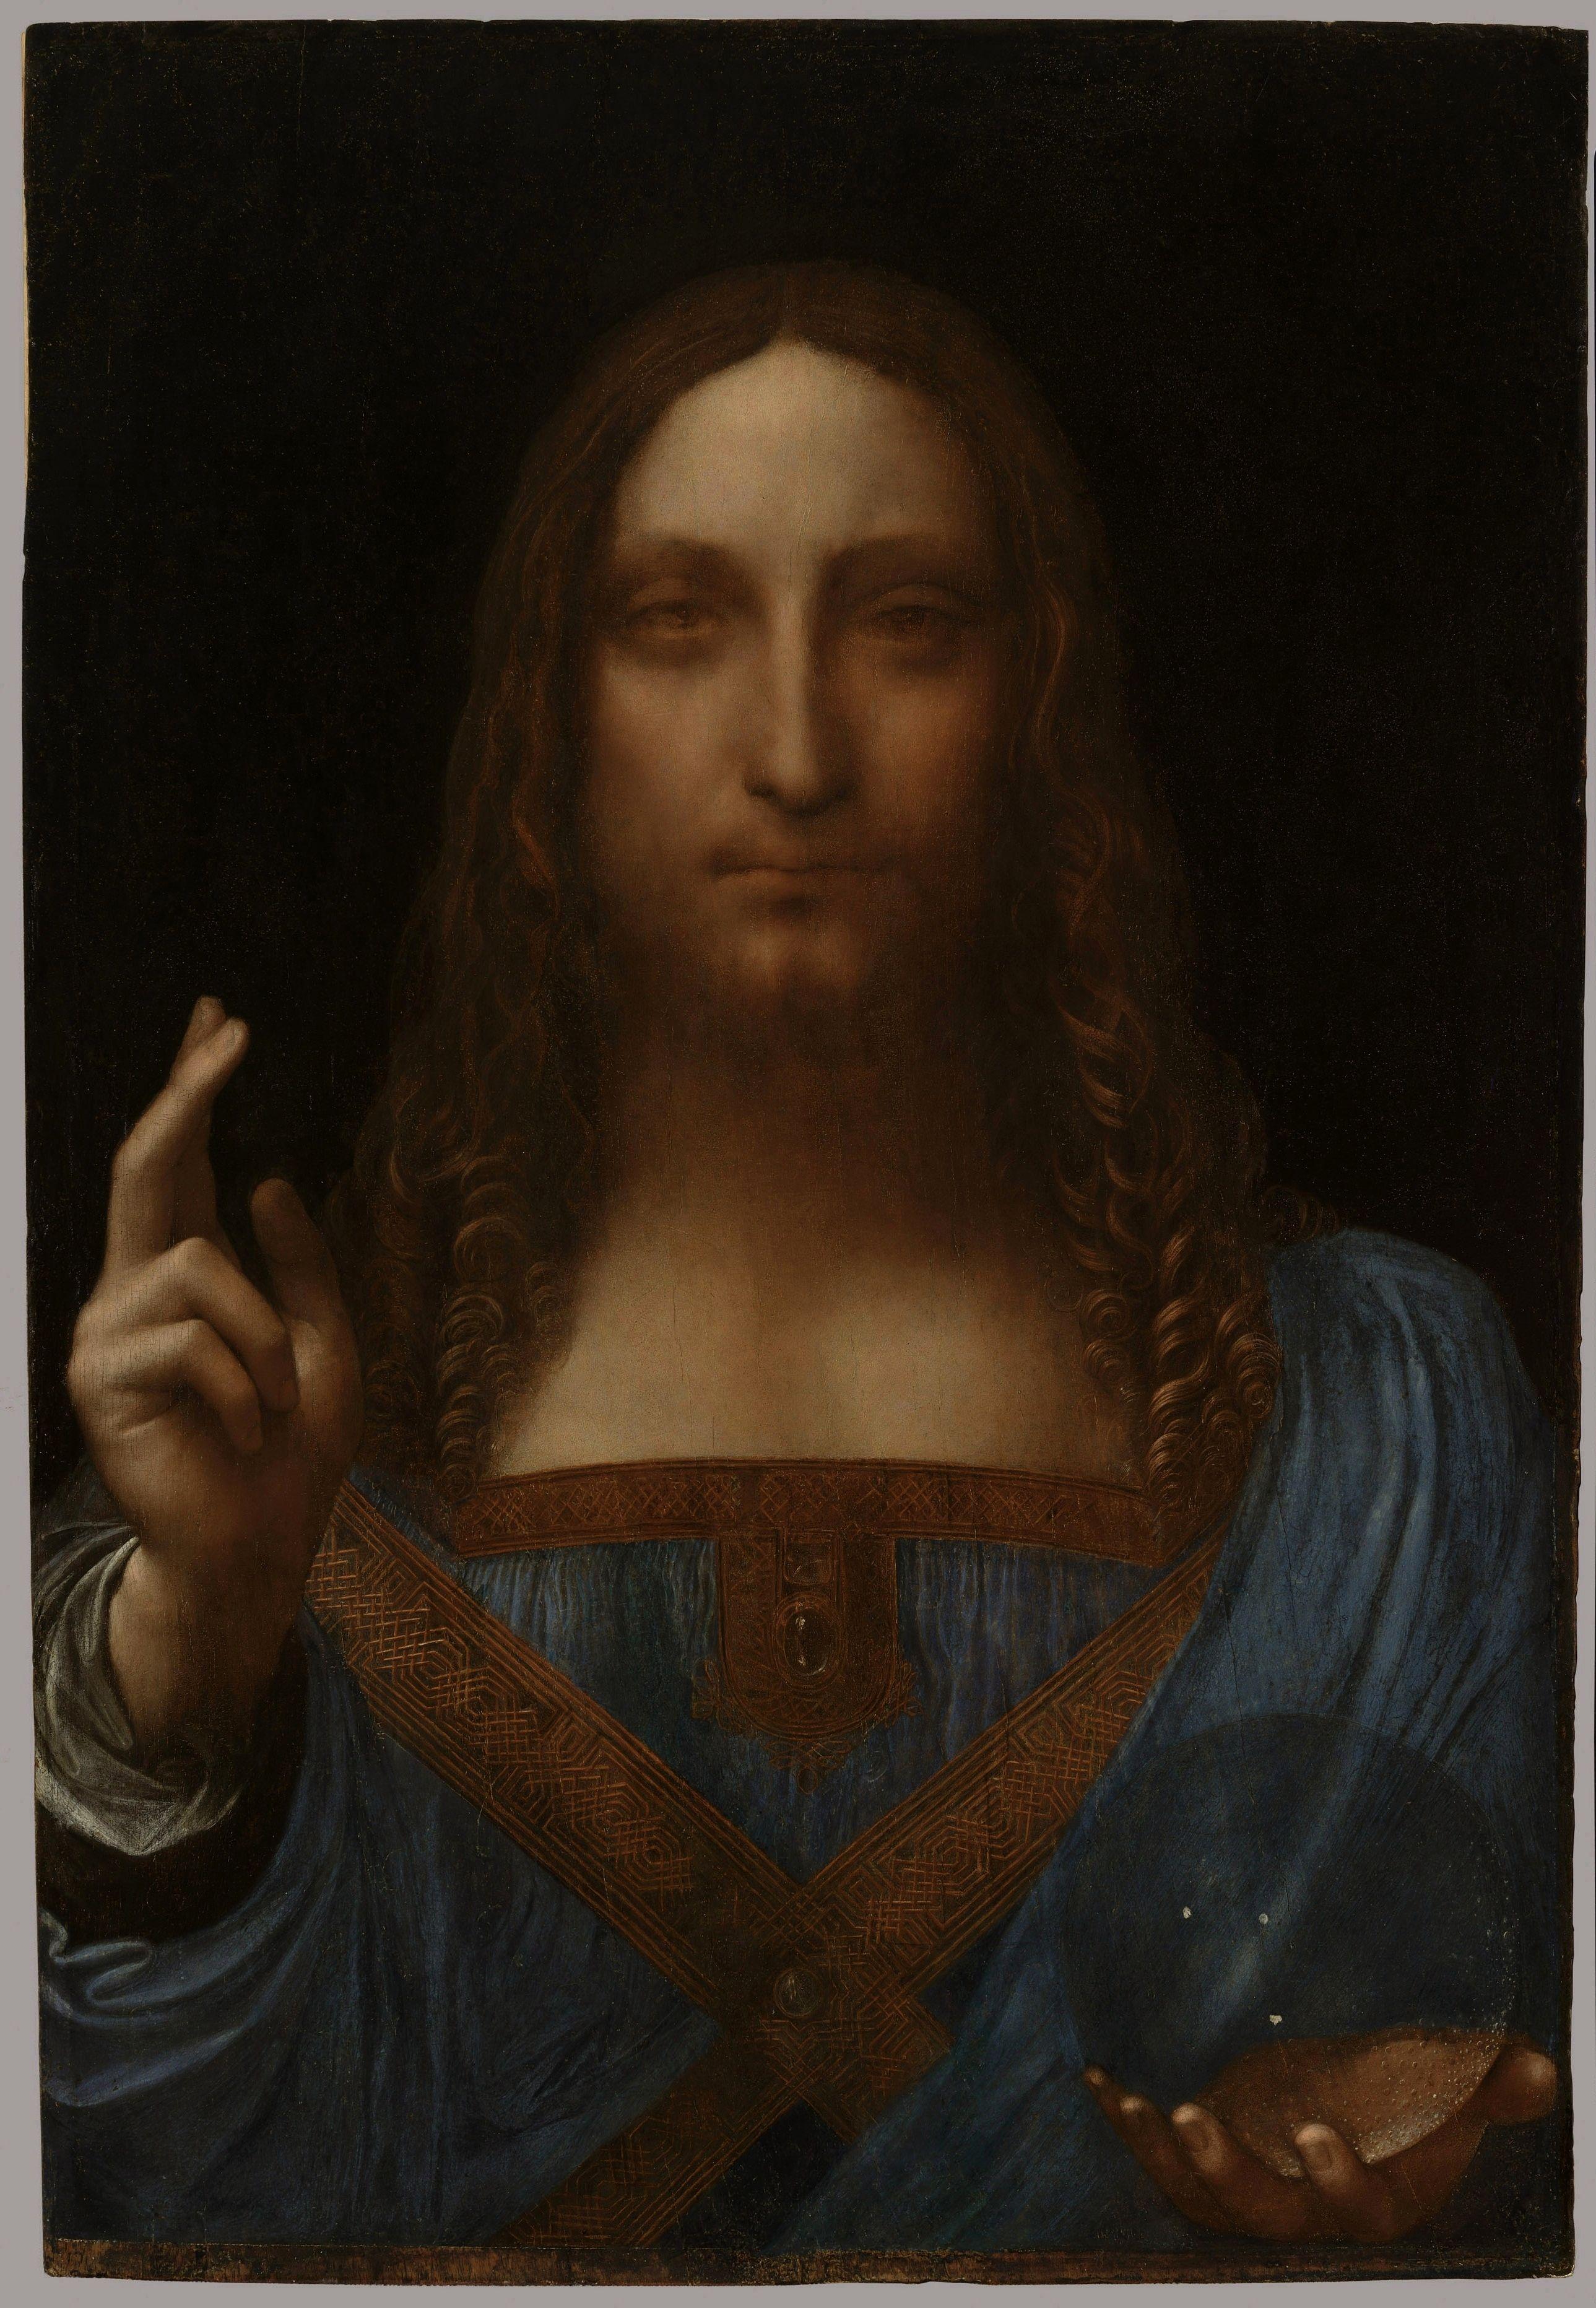 Leonrdo Da Vinci Salvator Mundi High Resolution Jpg 2578 3728 Leonardo Da Vinci Mercado De Arte Obras De Arte